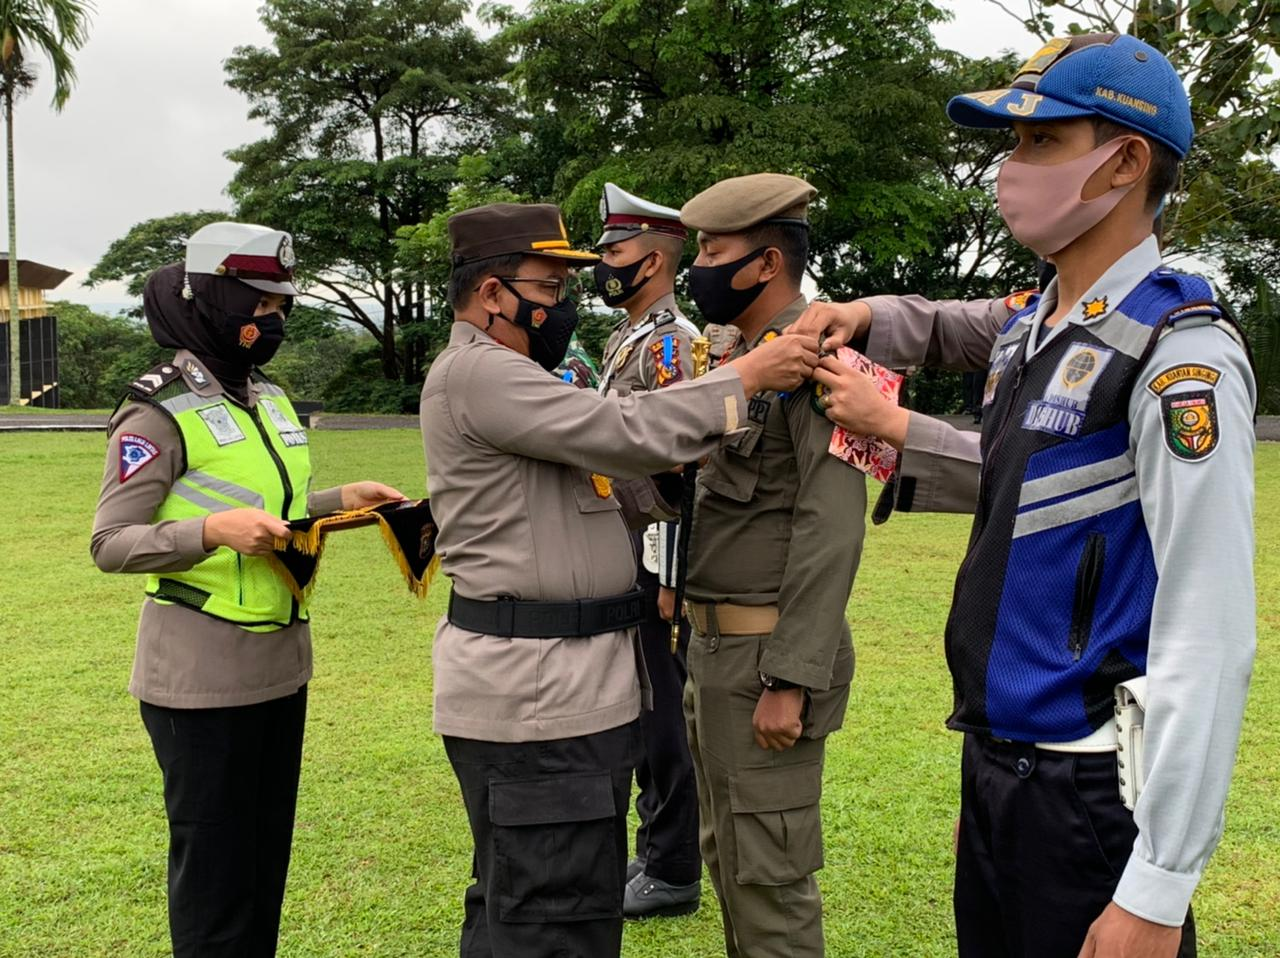 Kapolres Kuansing AKBP Henky Poerwanto S.I.K MM Pimpin Operasi Keselamatan Lancang Kuning 2021